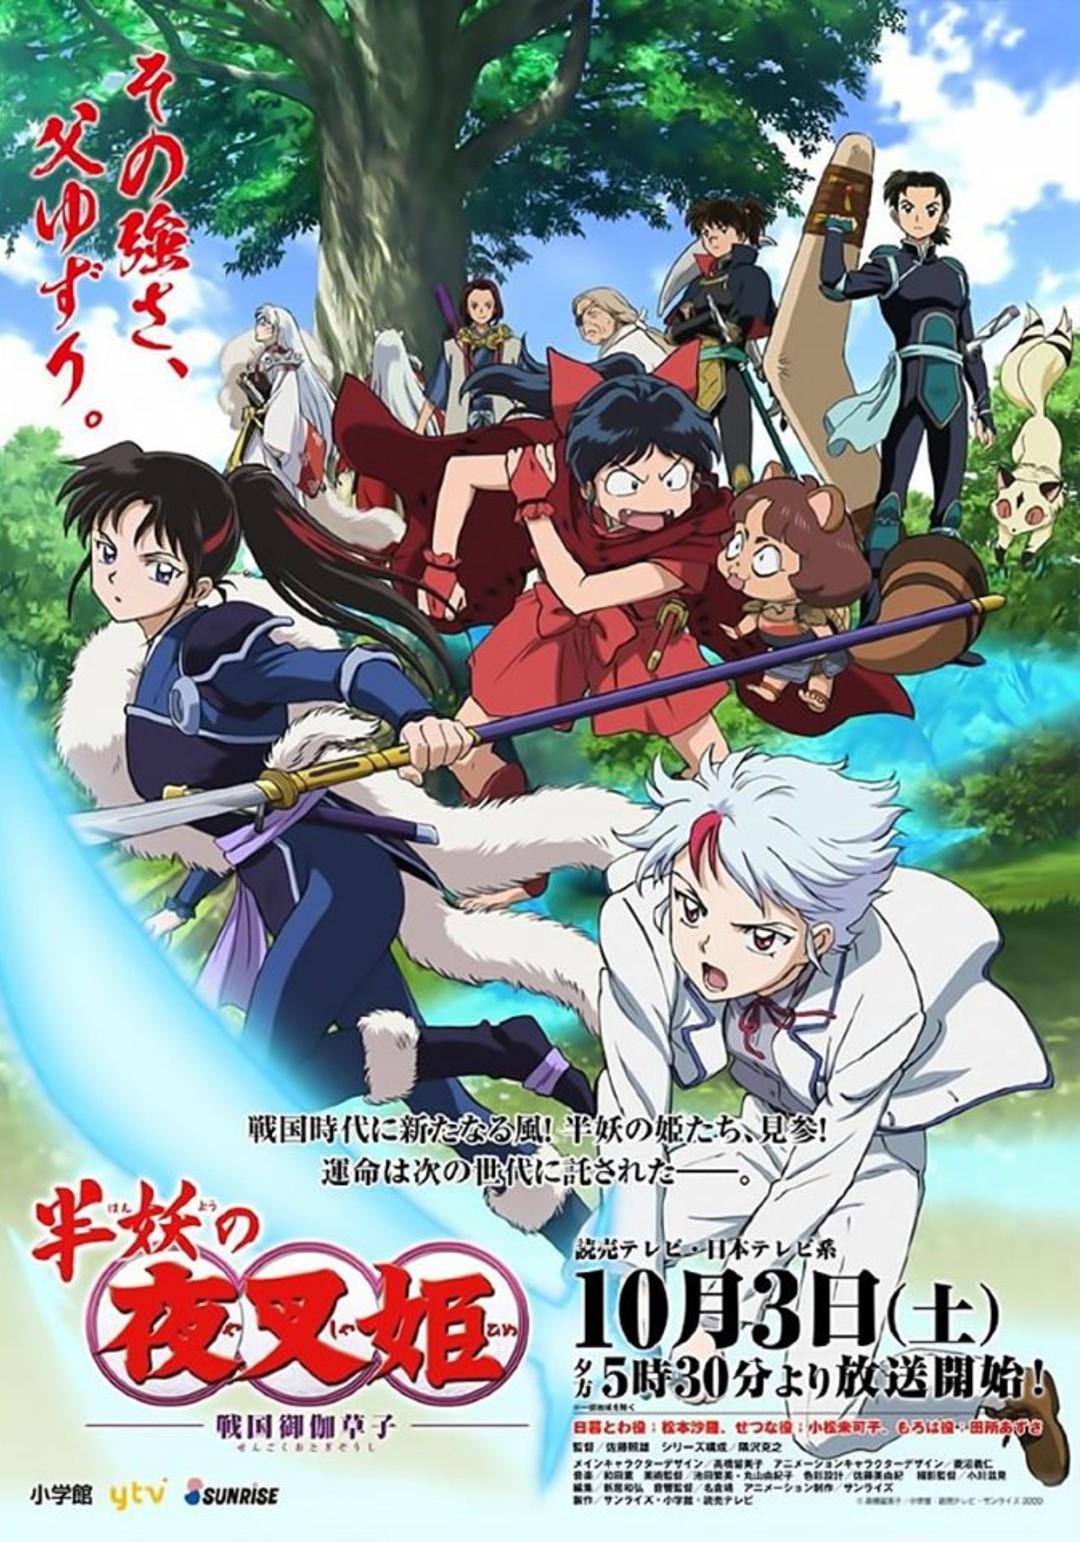 estreno de hanyo no yashahime